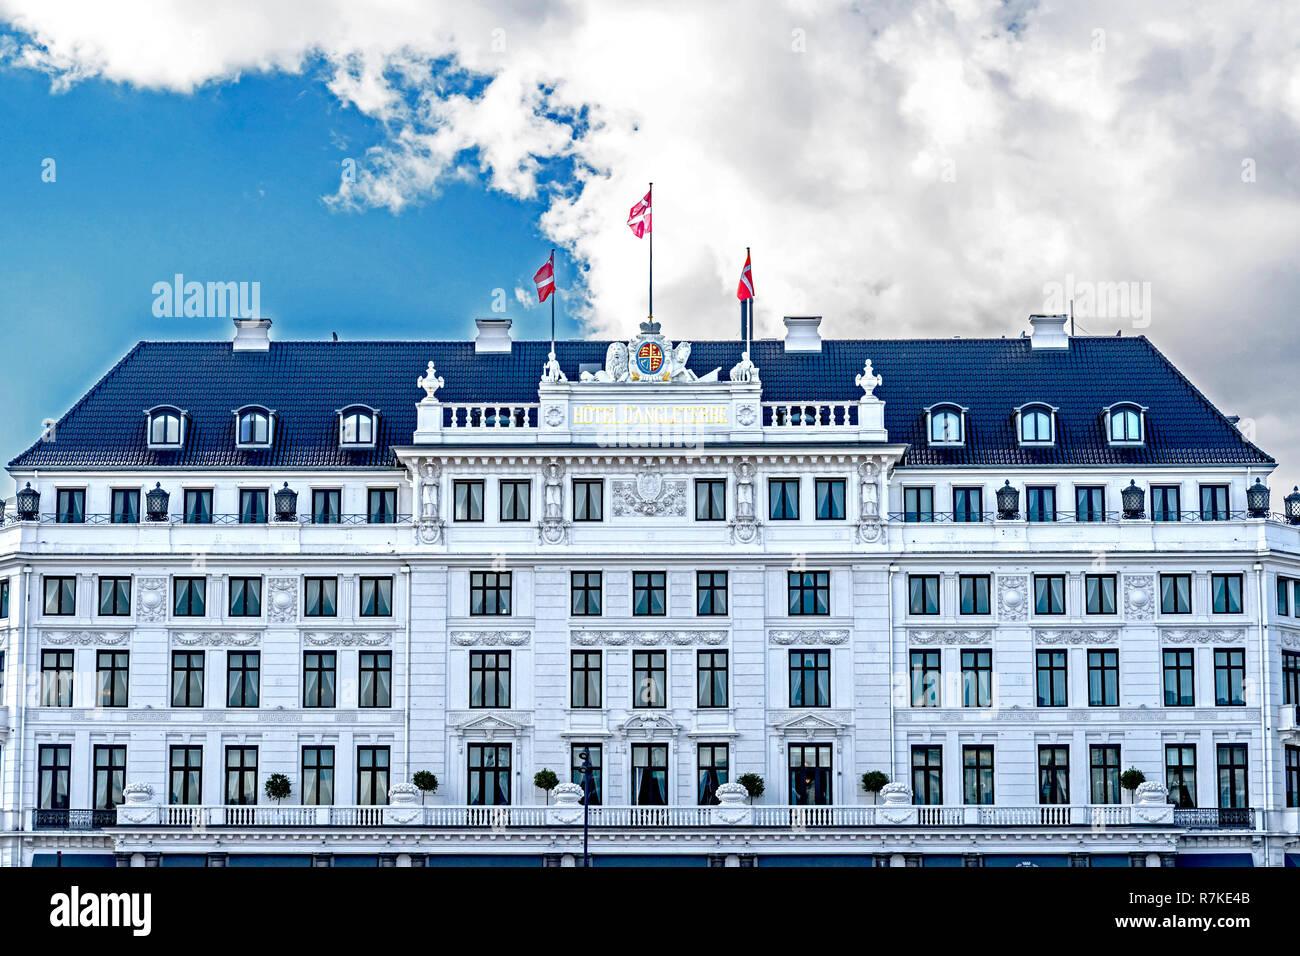 Kopenhagen, Hotel d'Angleterre am Kongens Nytorv; Copenhagen (Denmark) - Stock Image